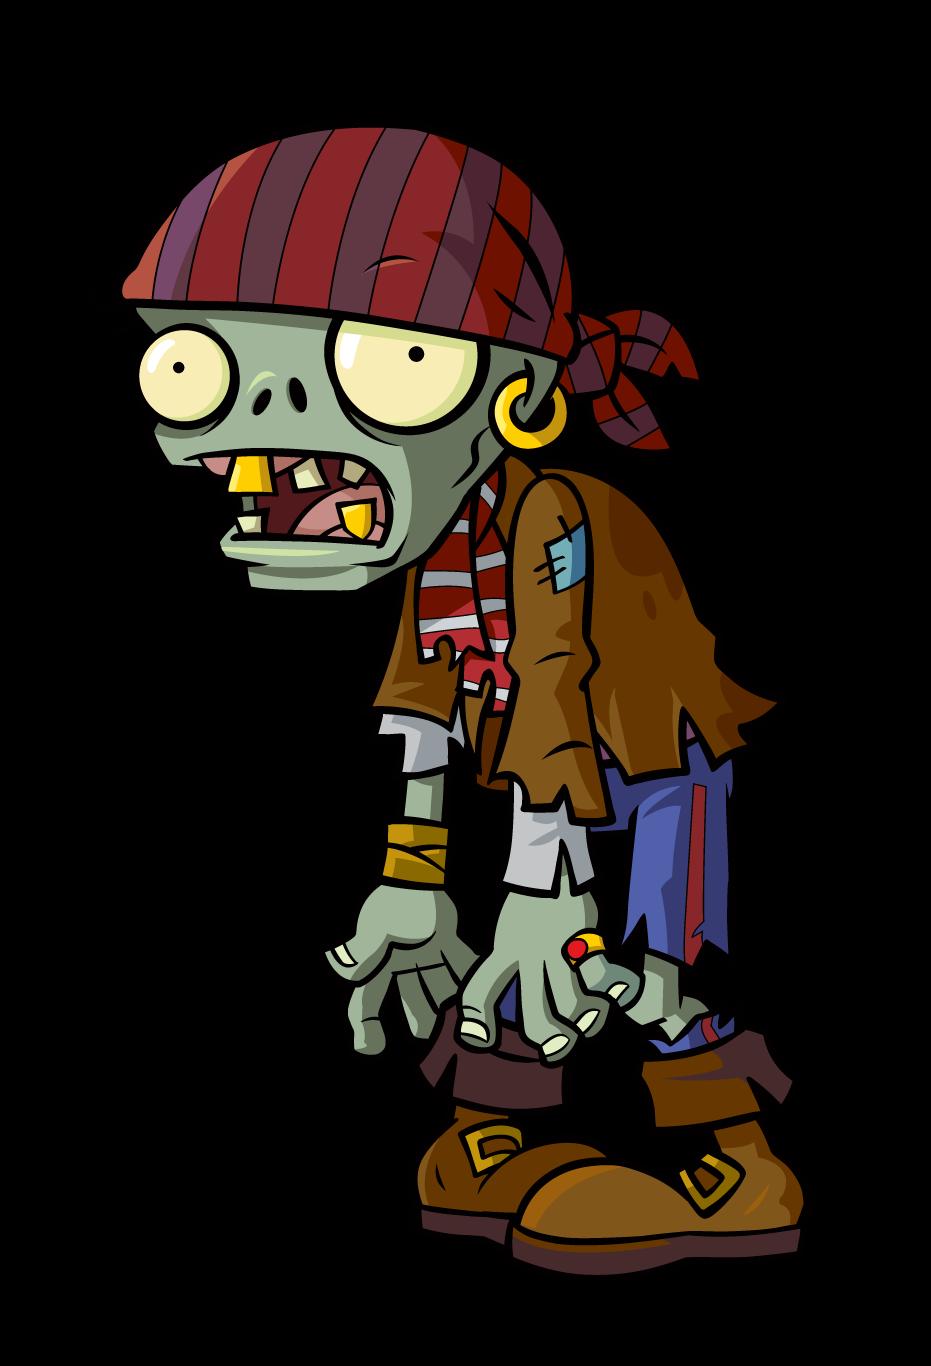 Cowboy clipart zombie Pinterest Plants fun vs latest